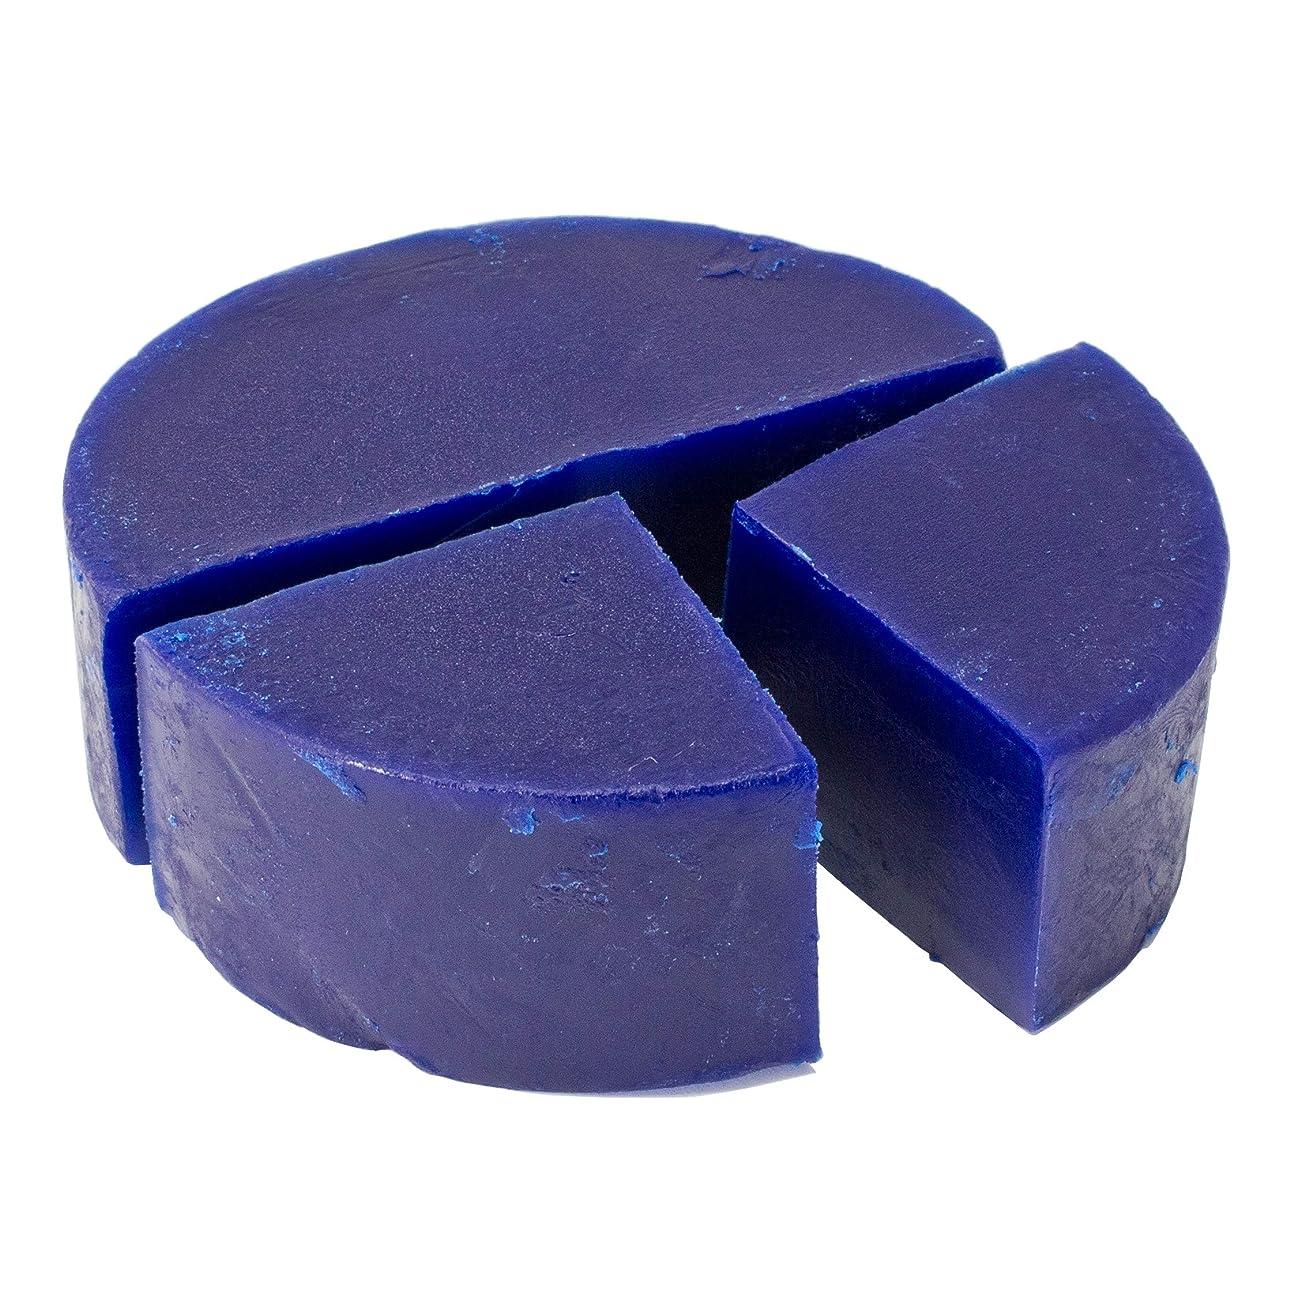 素晴らしさ機械的酒グリセリン クリアソープ 色チップ 青 100g (MPソープ)